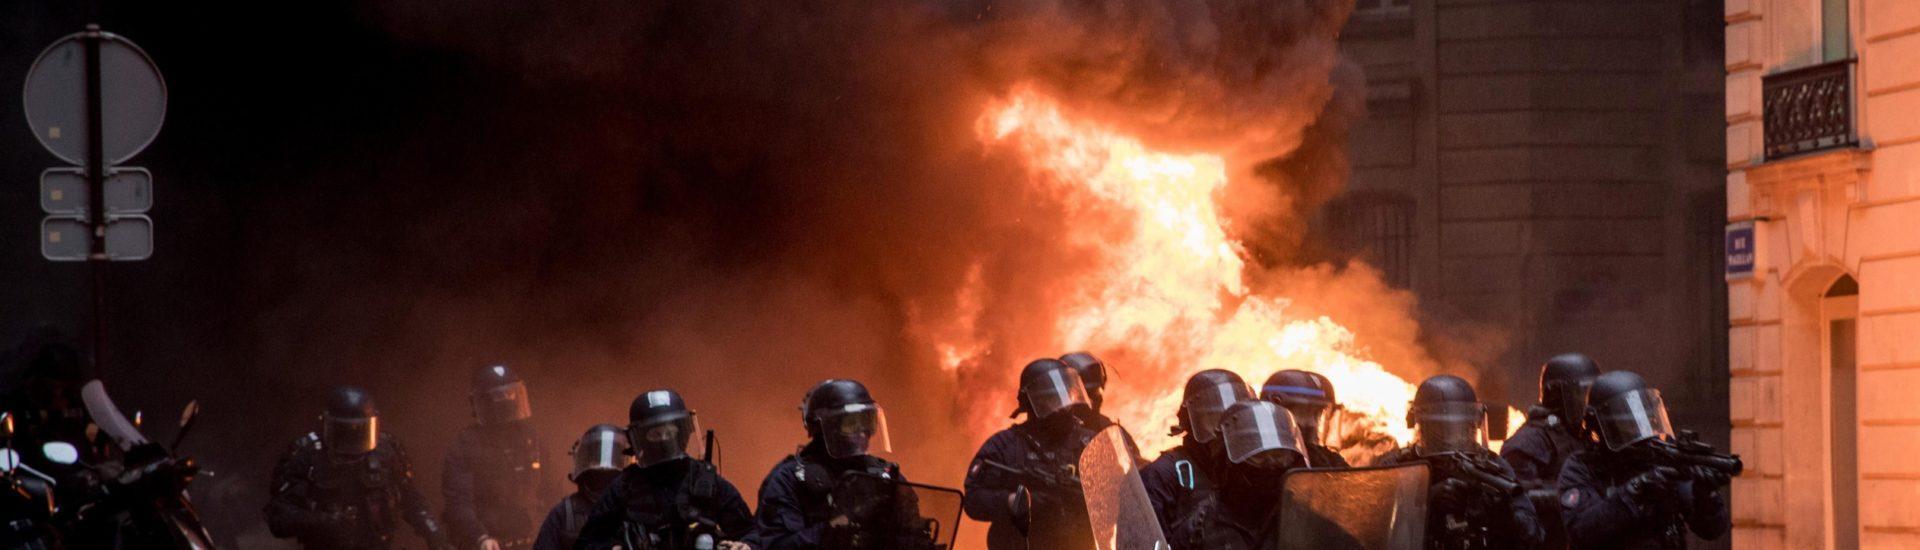 Γαλλία: Χωρίς τέλος η αστυνομική βαρβαρότητα στις λαϊκές συνοικίες